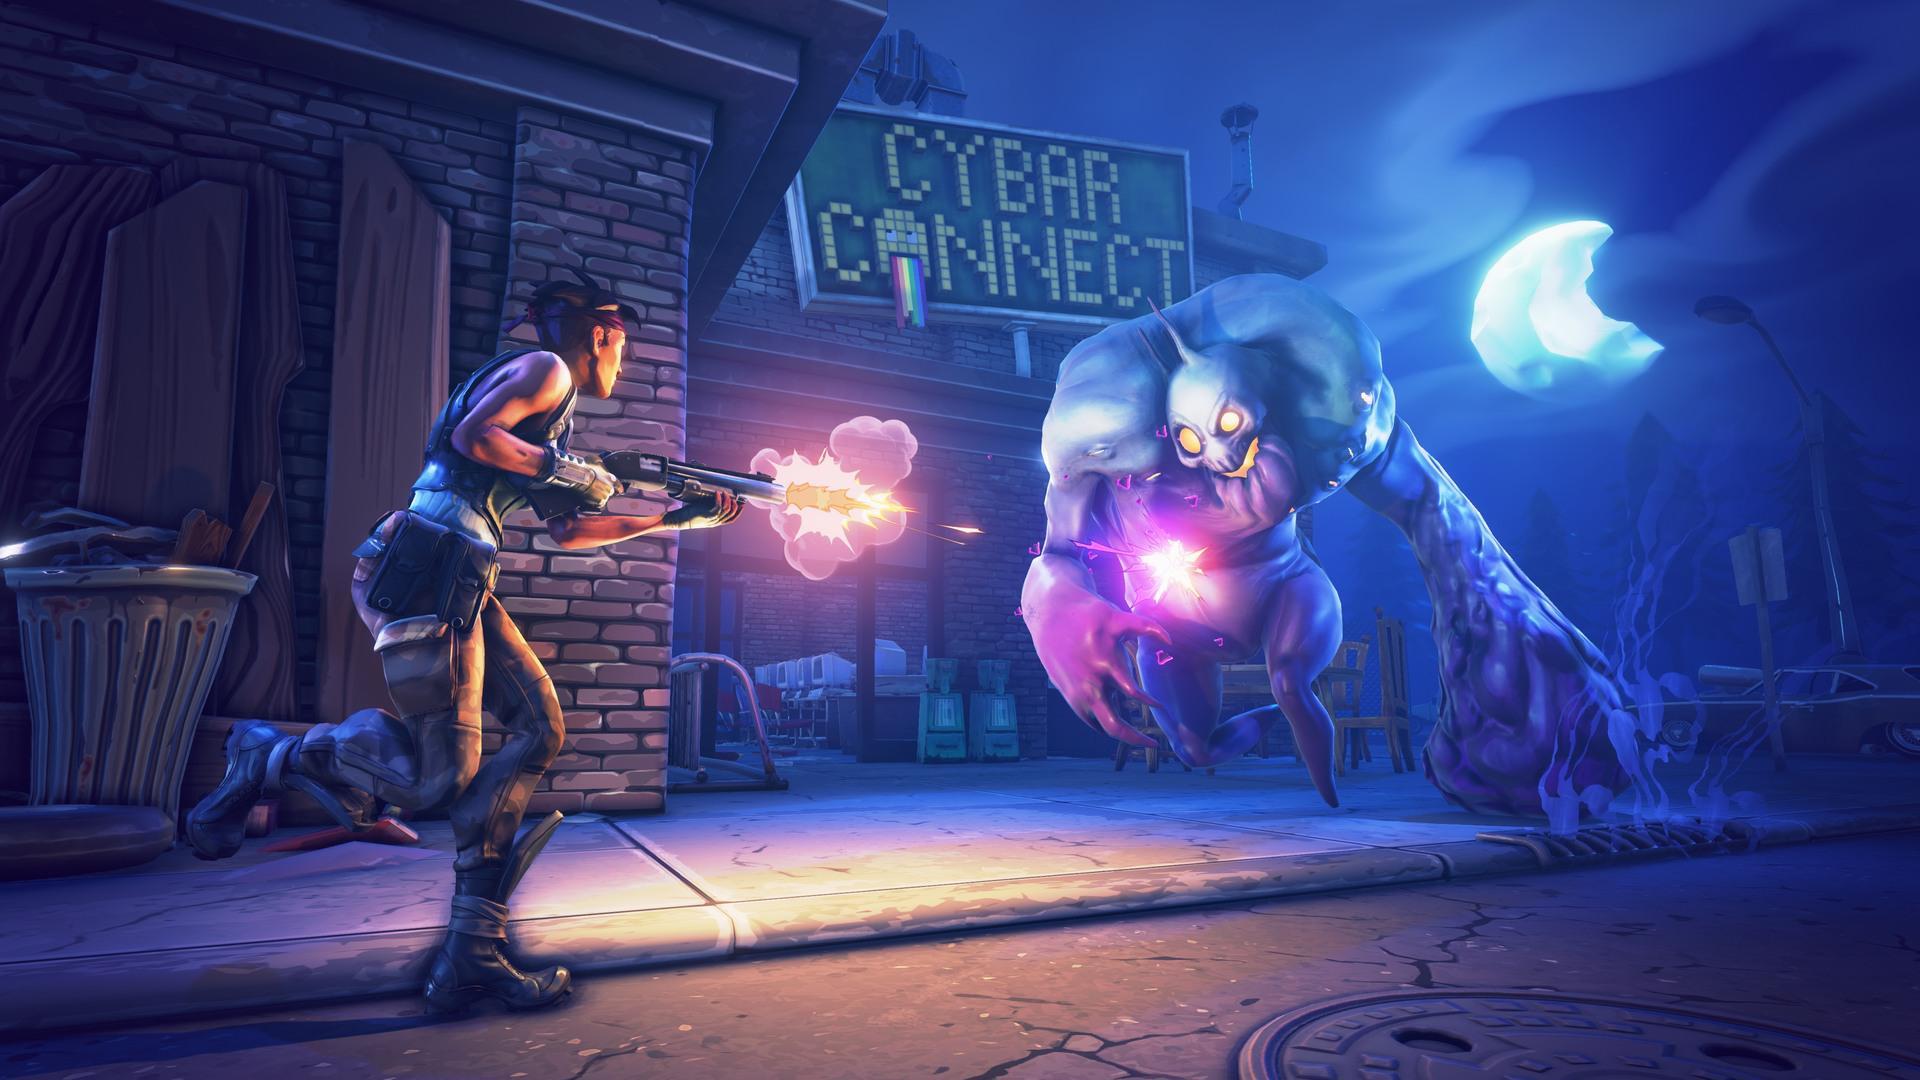 TGA 2018游戏奥斯卡(持续更新):你心目中的游戏上榜了吗?